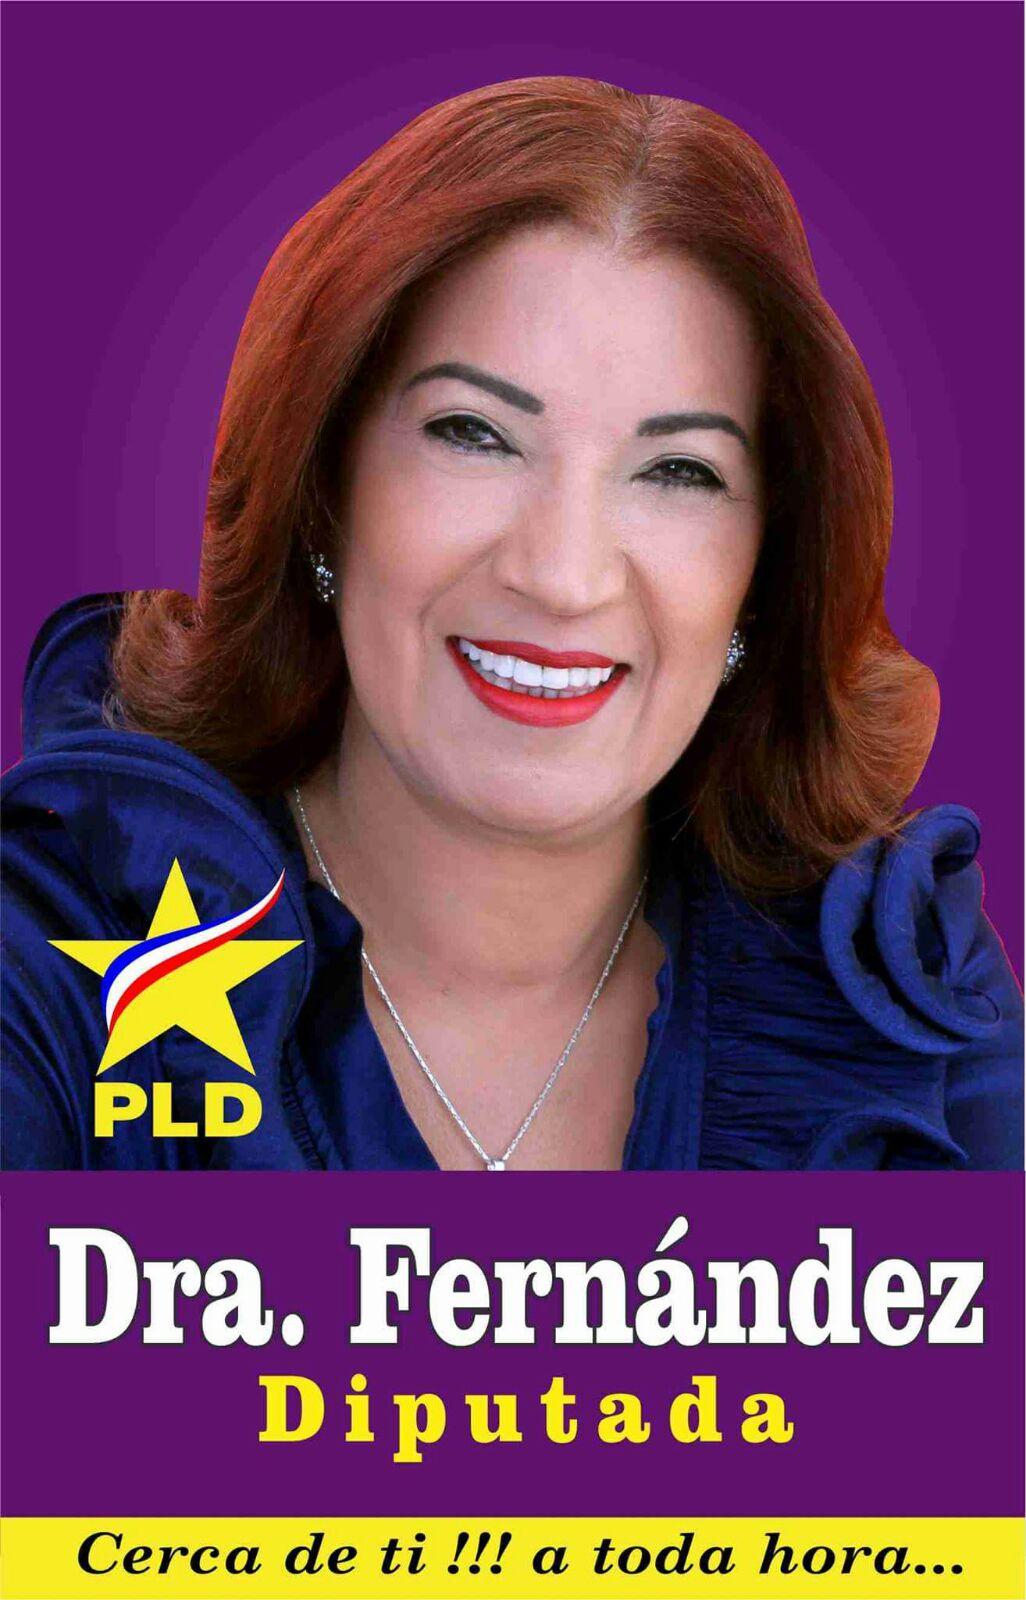 Dra. Fernández Diputada